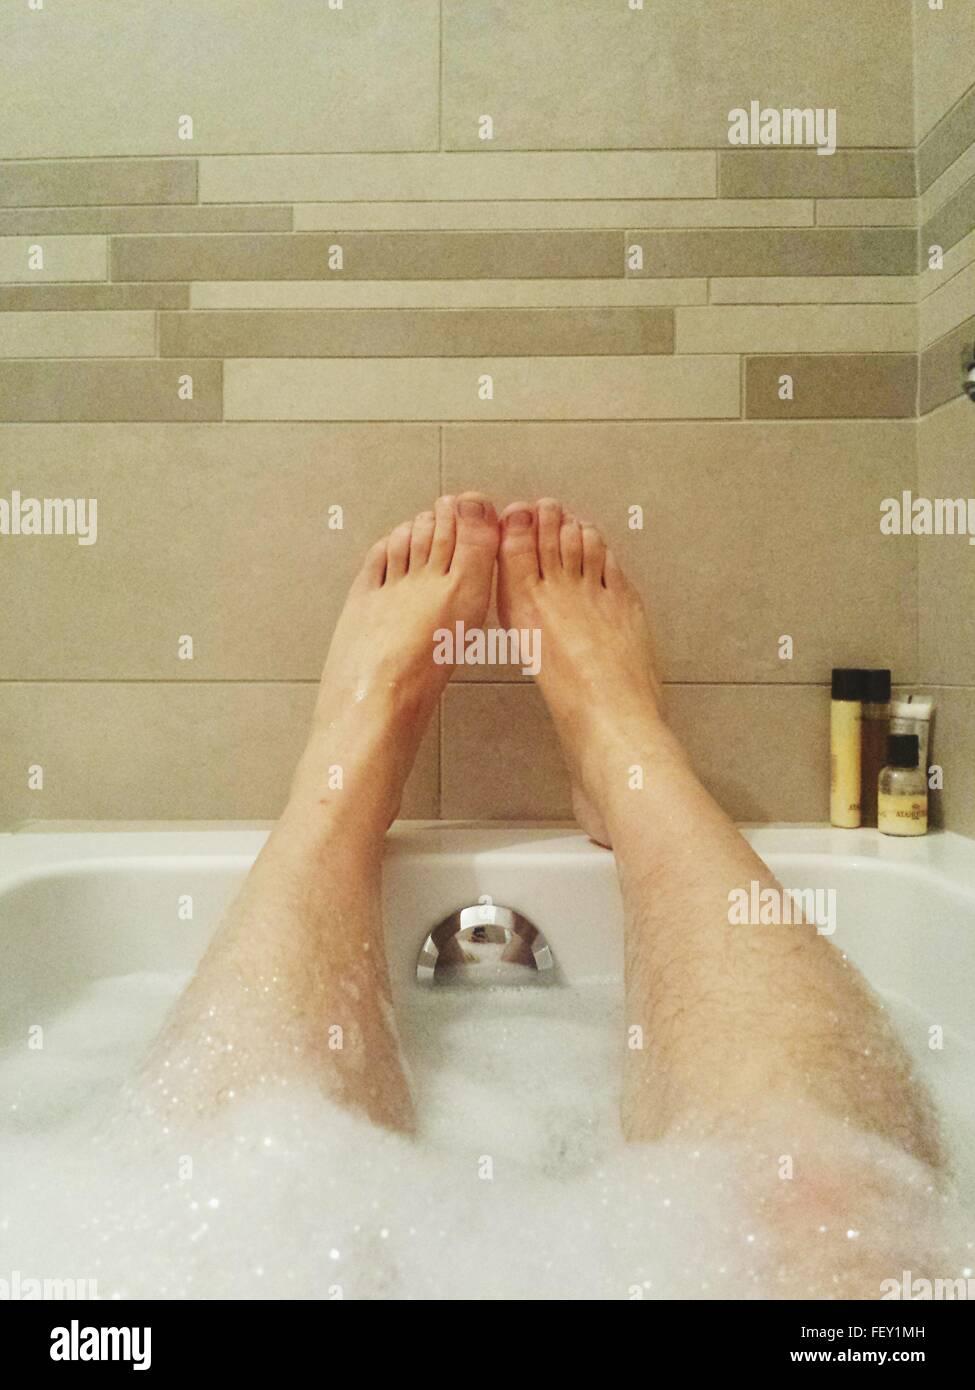 Uomo In Vasca Da Bagno.Gambe Di Uomo Disteso Nella Vasca Da Bagno Foto Immagine Stock